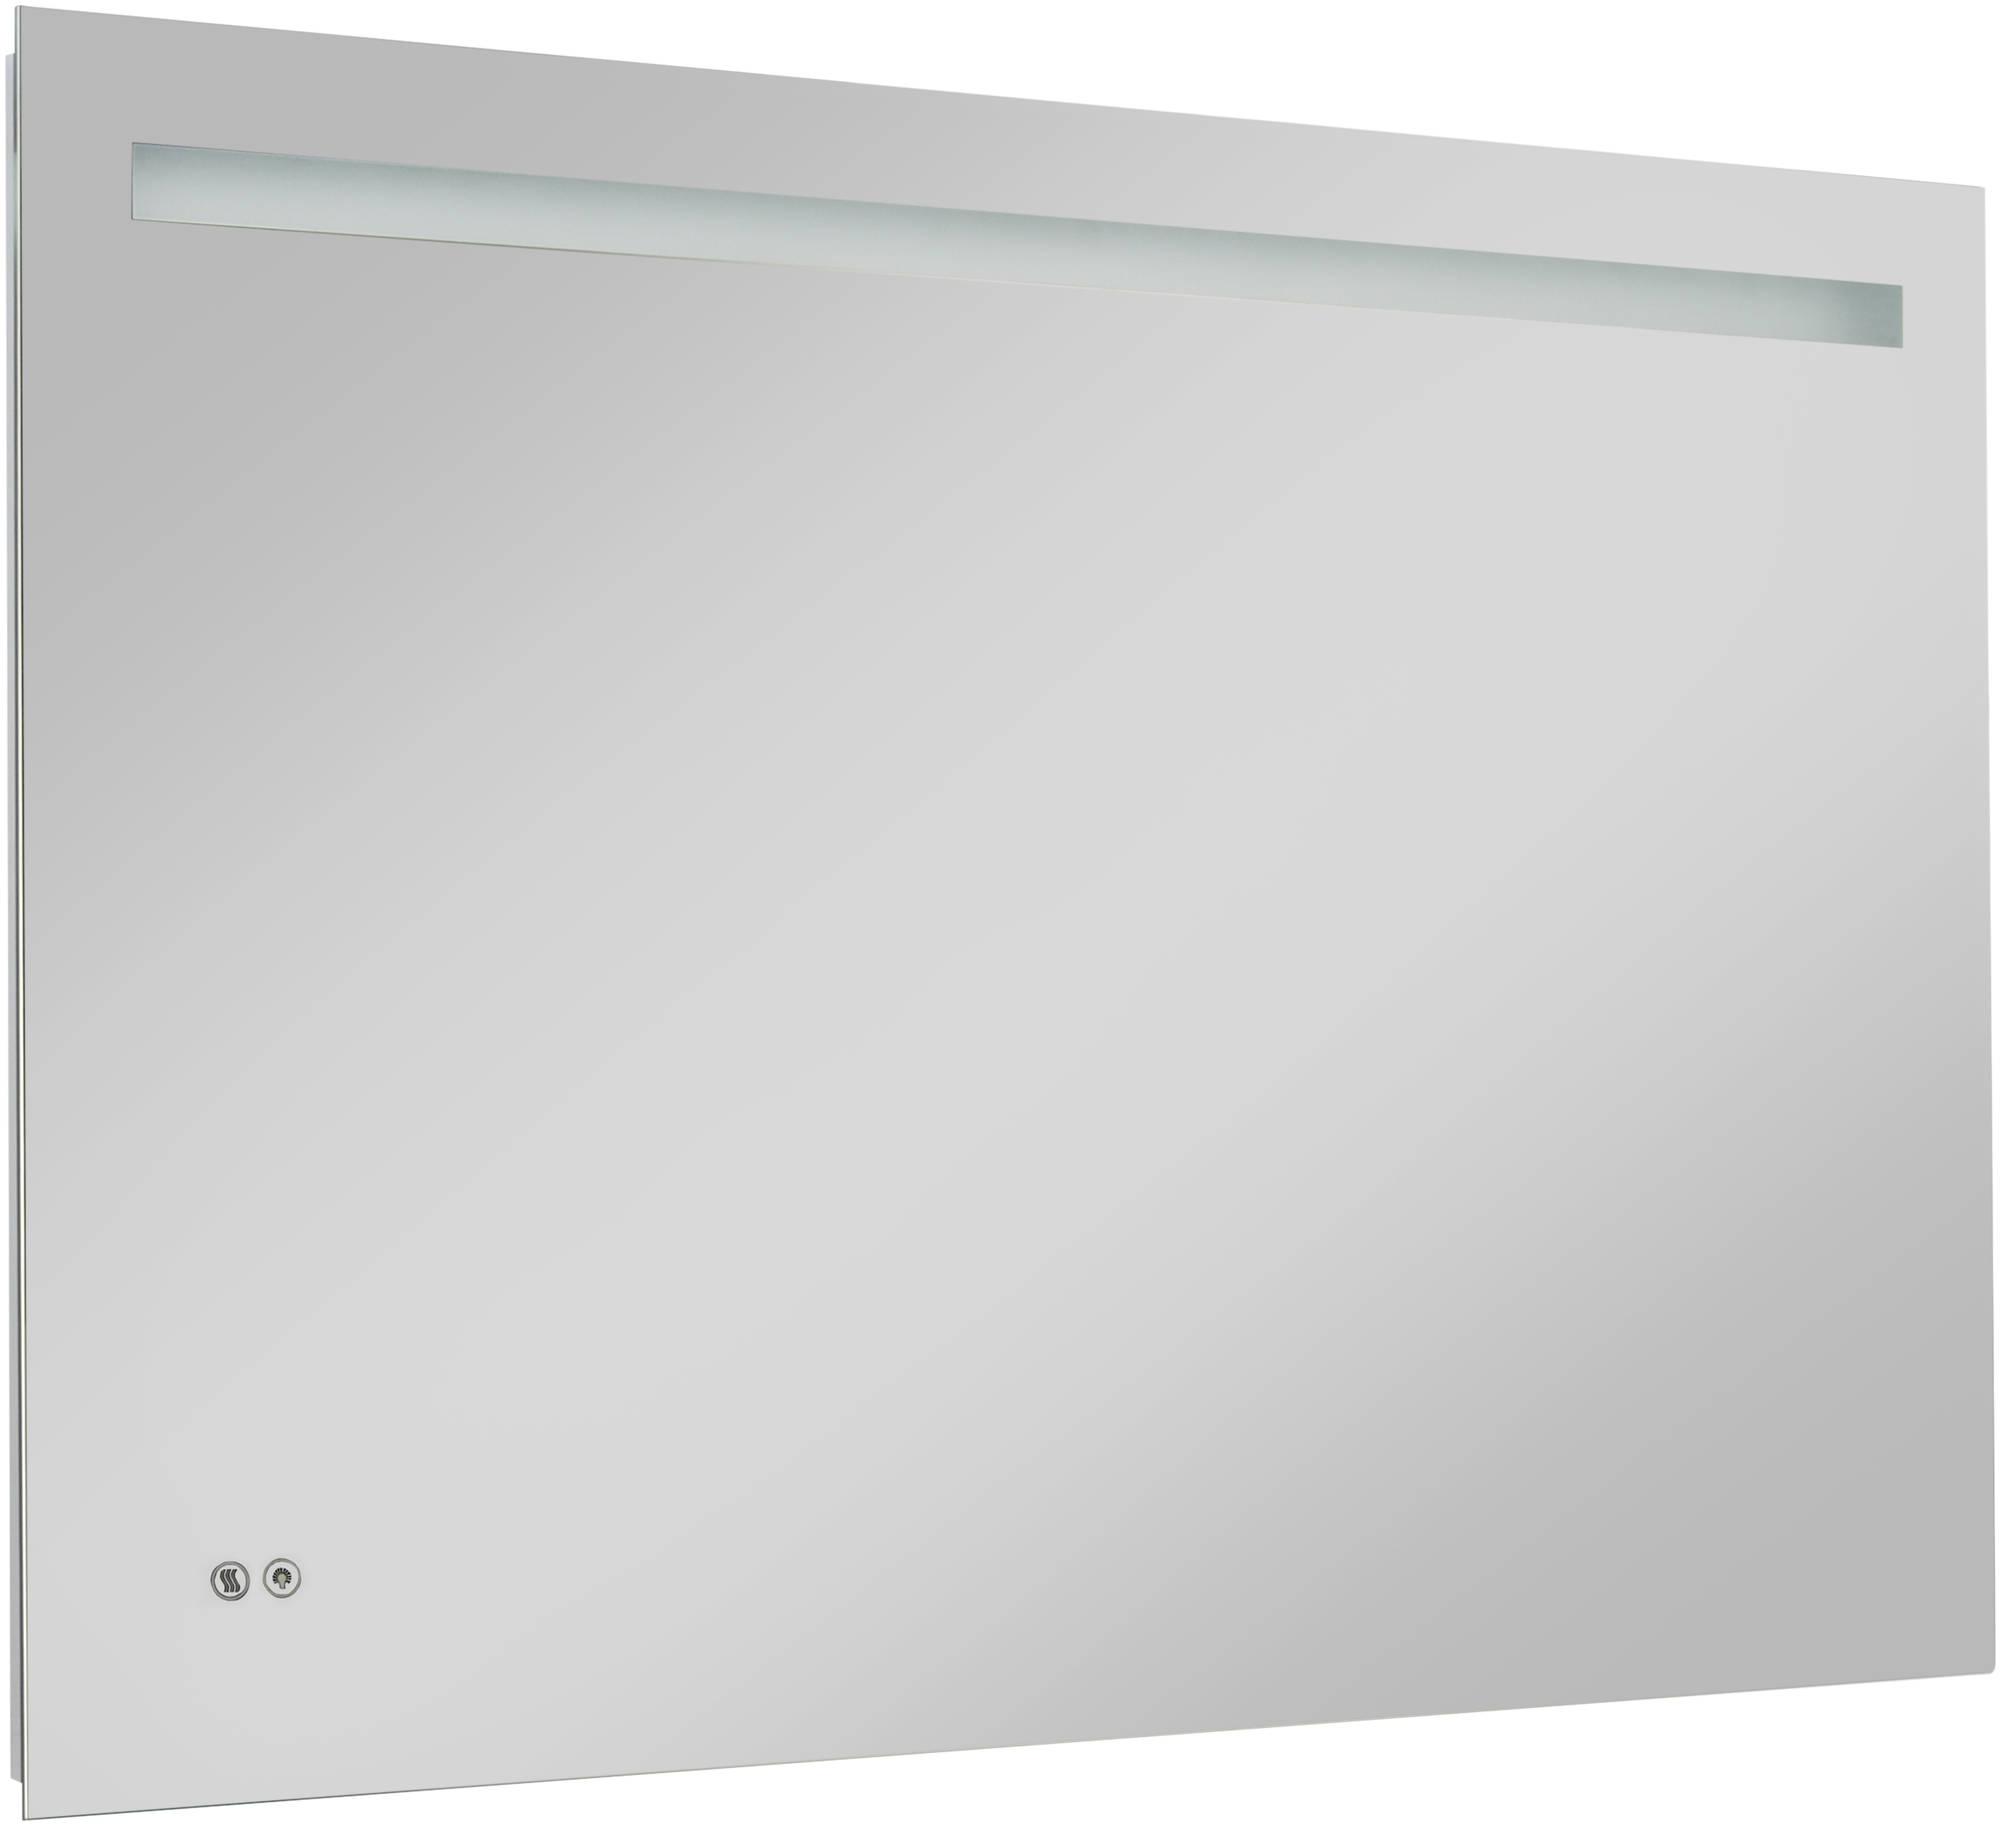 Ben Freya spiegel met verlichting en spiegelverwarming (touchbediening) 140x70 cm